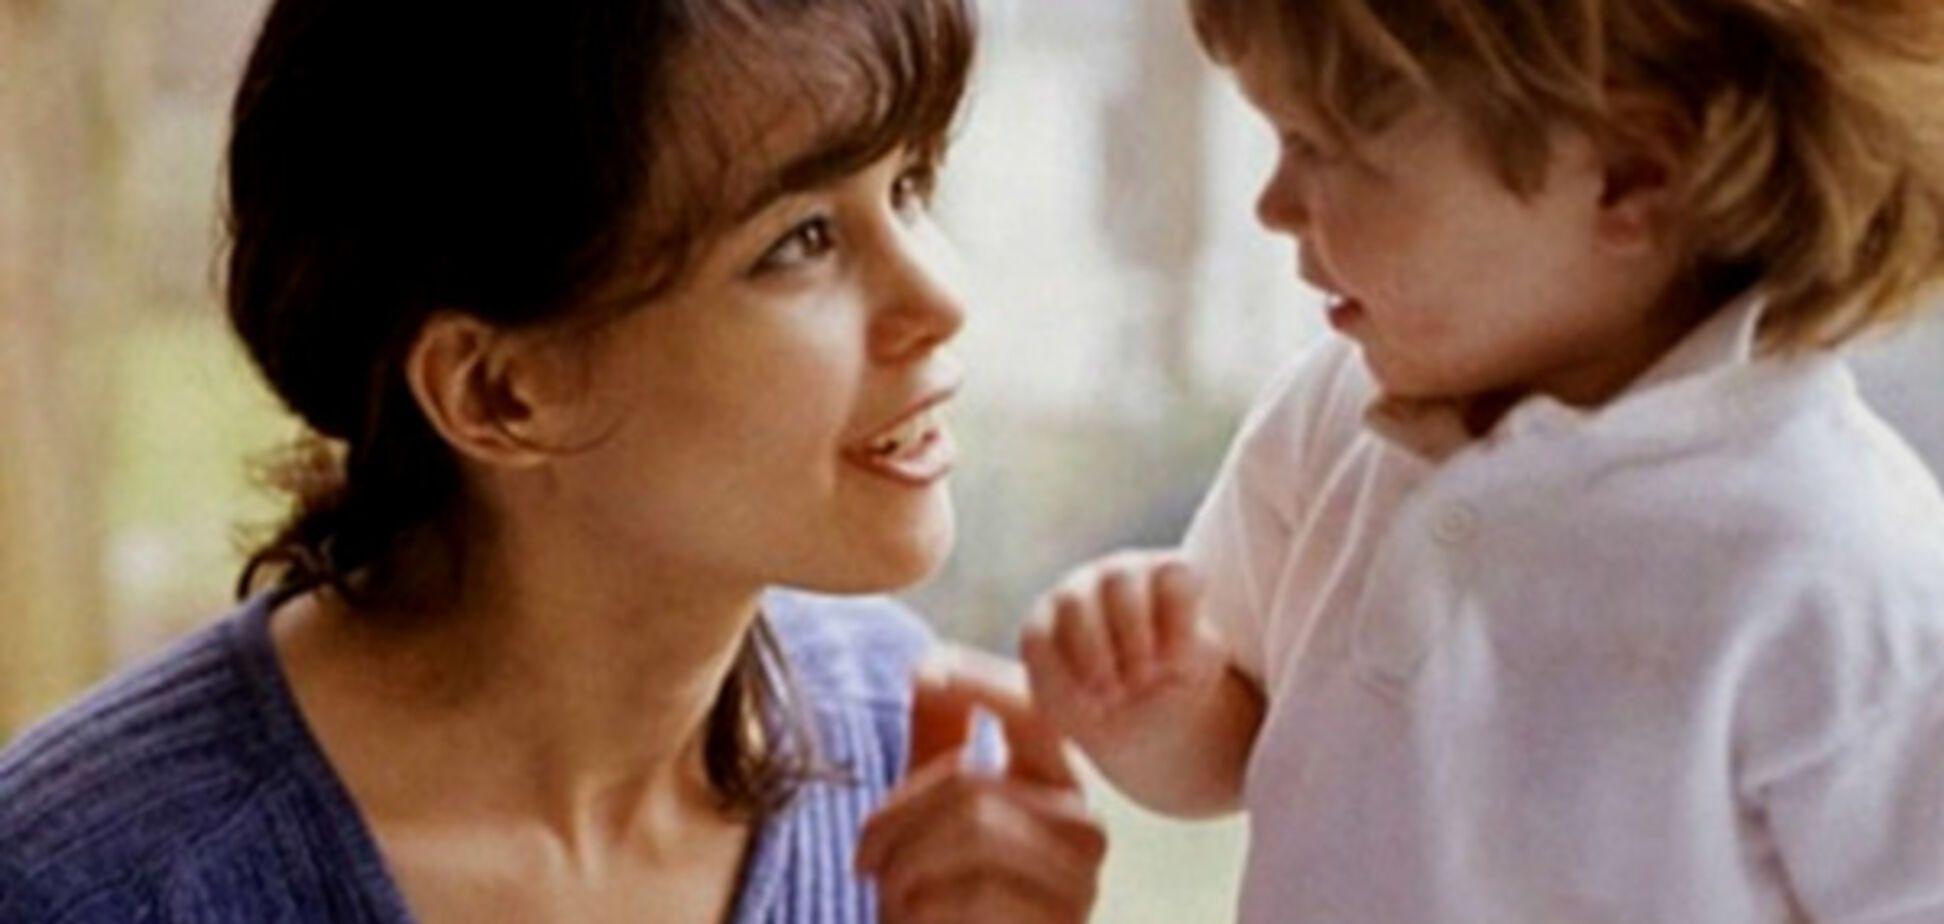 Как отказать ребенку правильно: пять альтернатив слову 'нет'